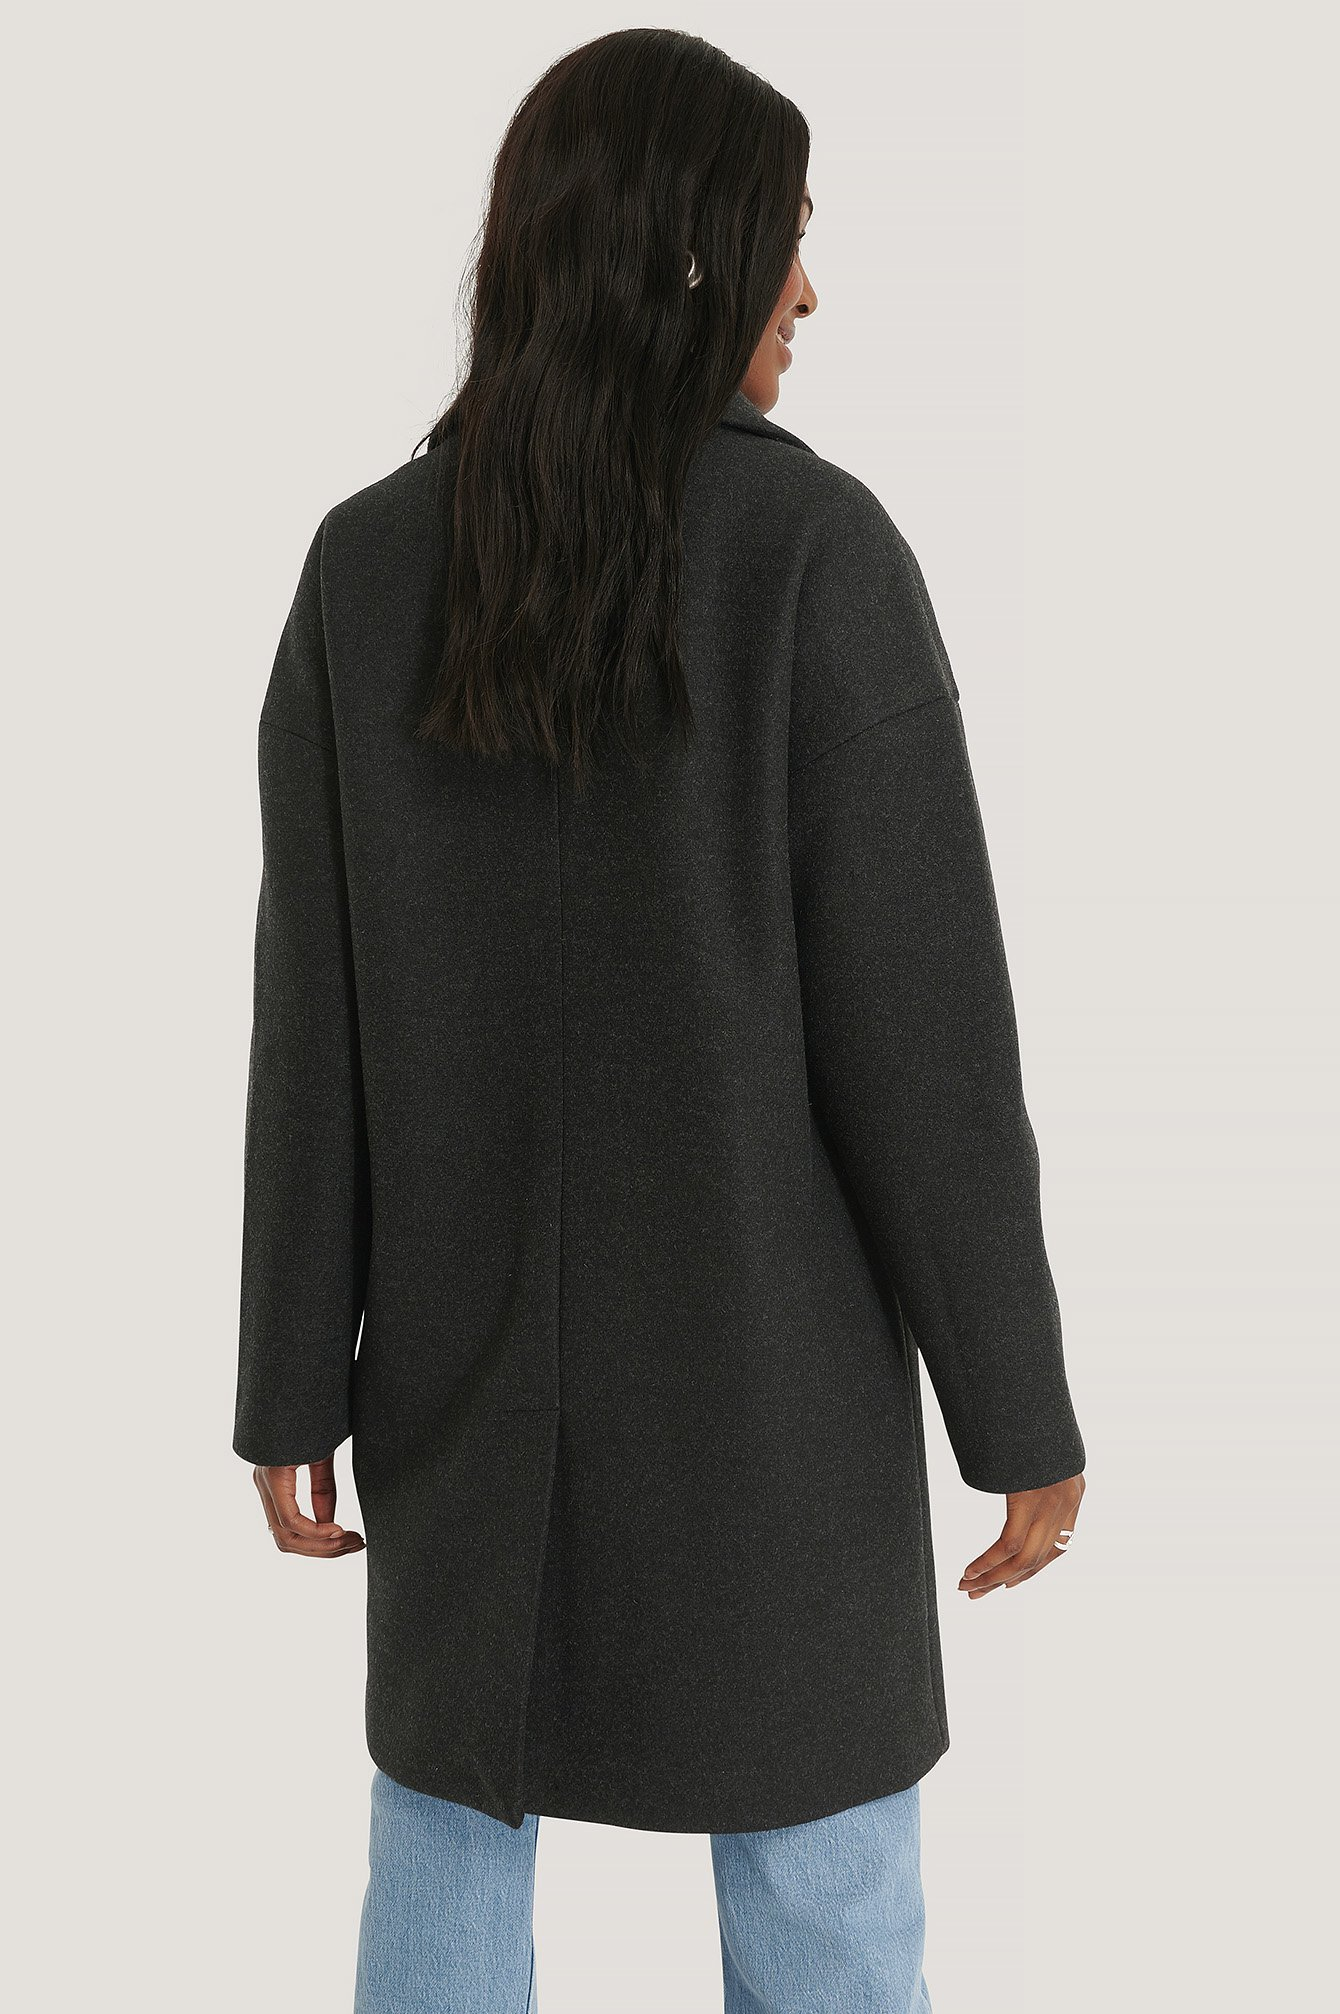 nakd_wool_blend_dropped_shoulder_coat_1100-003137-0002_02b